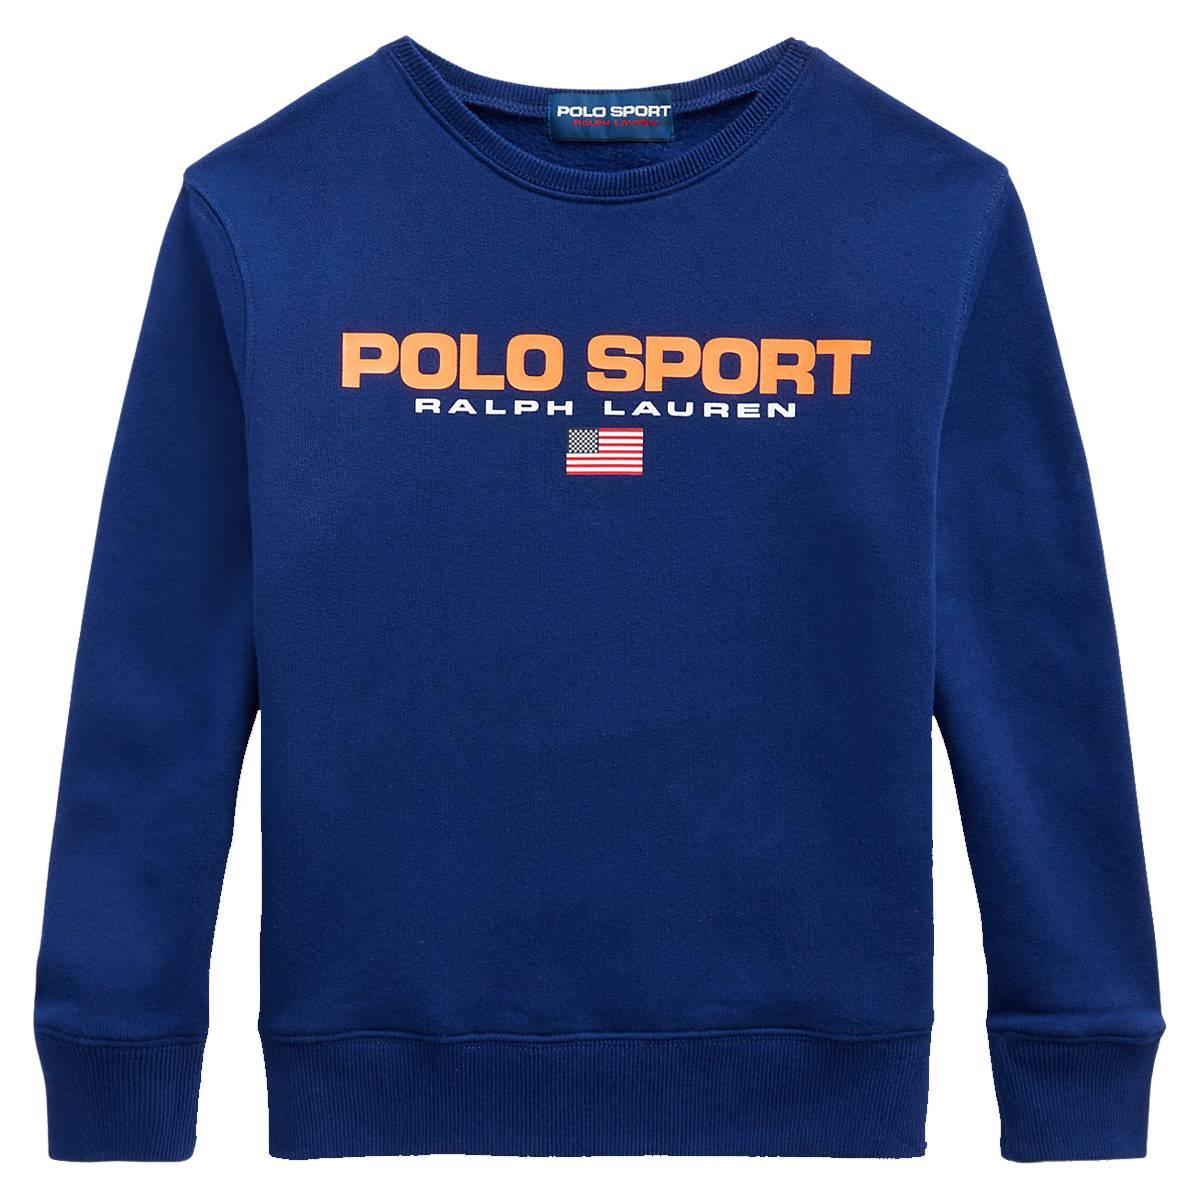 Polo Ralph Lauren Teens - Sport Retro Sweat Blå